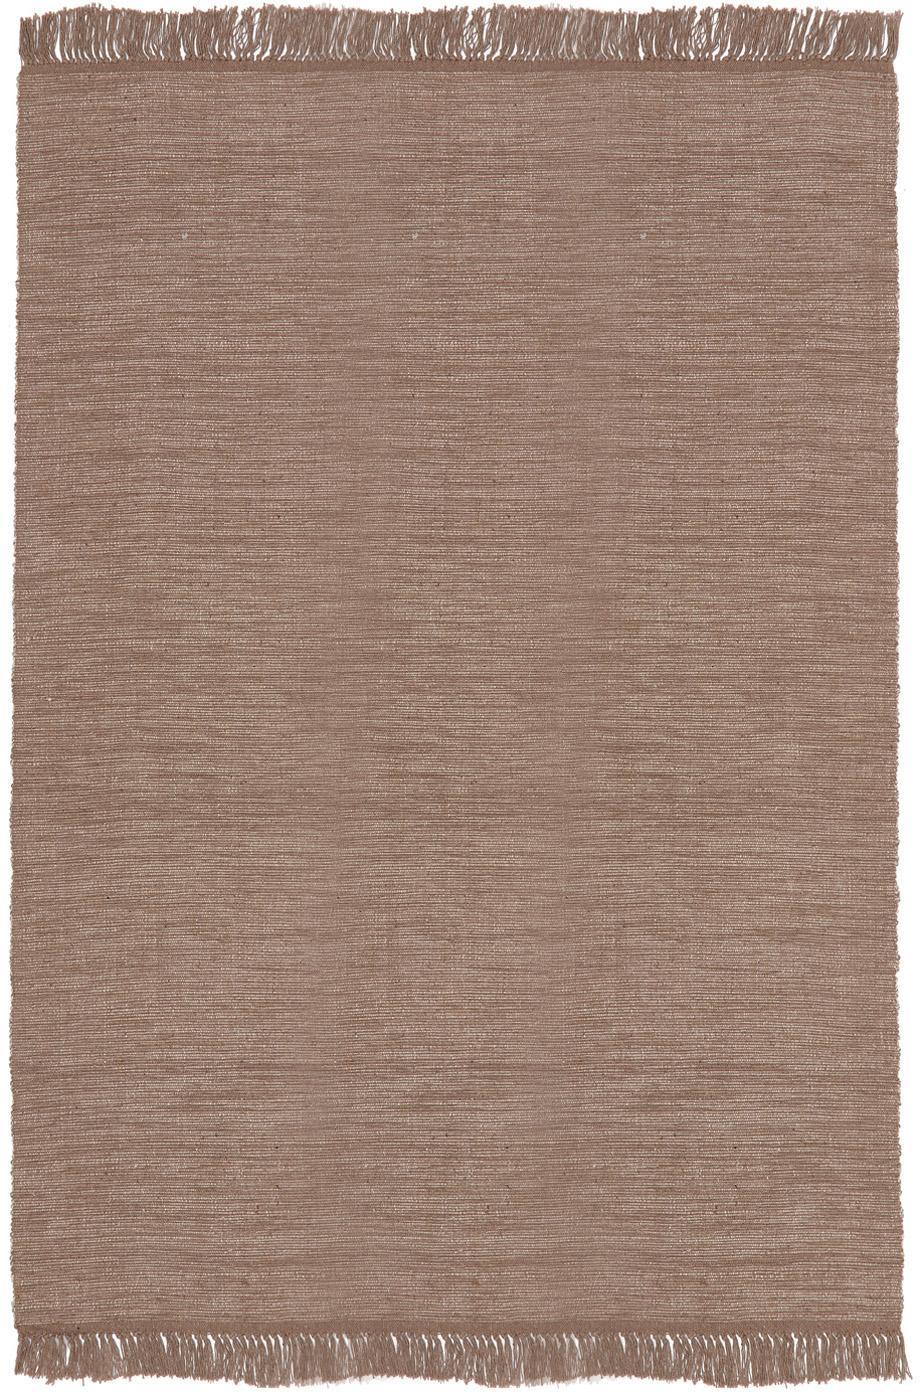 Dywan z bawełny z frędzlami Dag, Bawełna, Taupe, S 140 x D 200 cm (Rozmiar S)